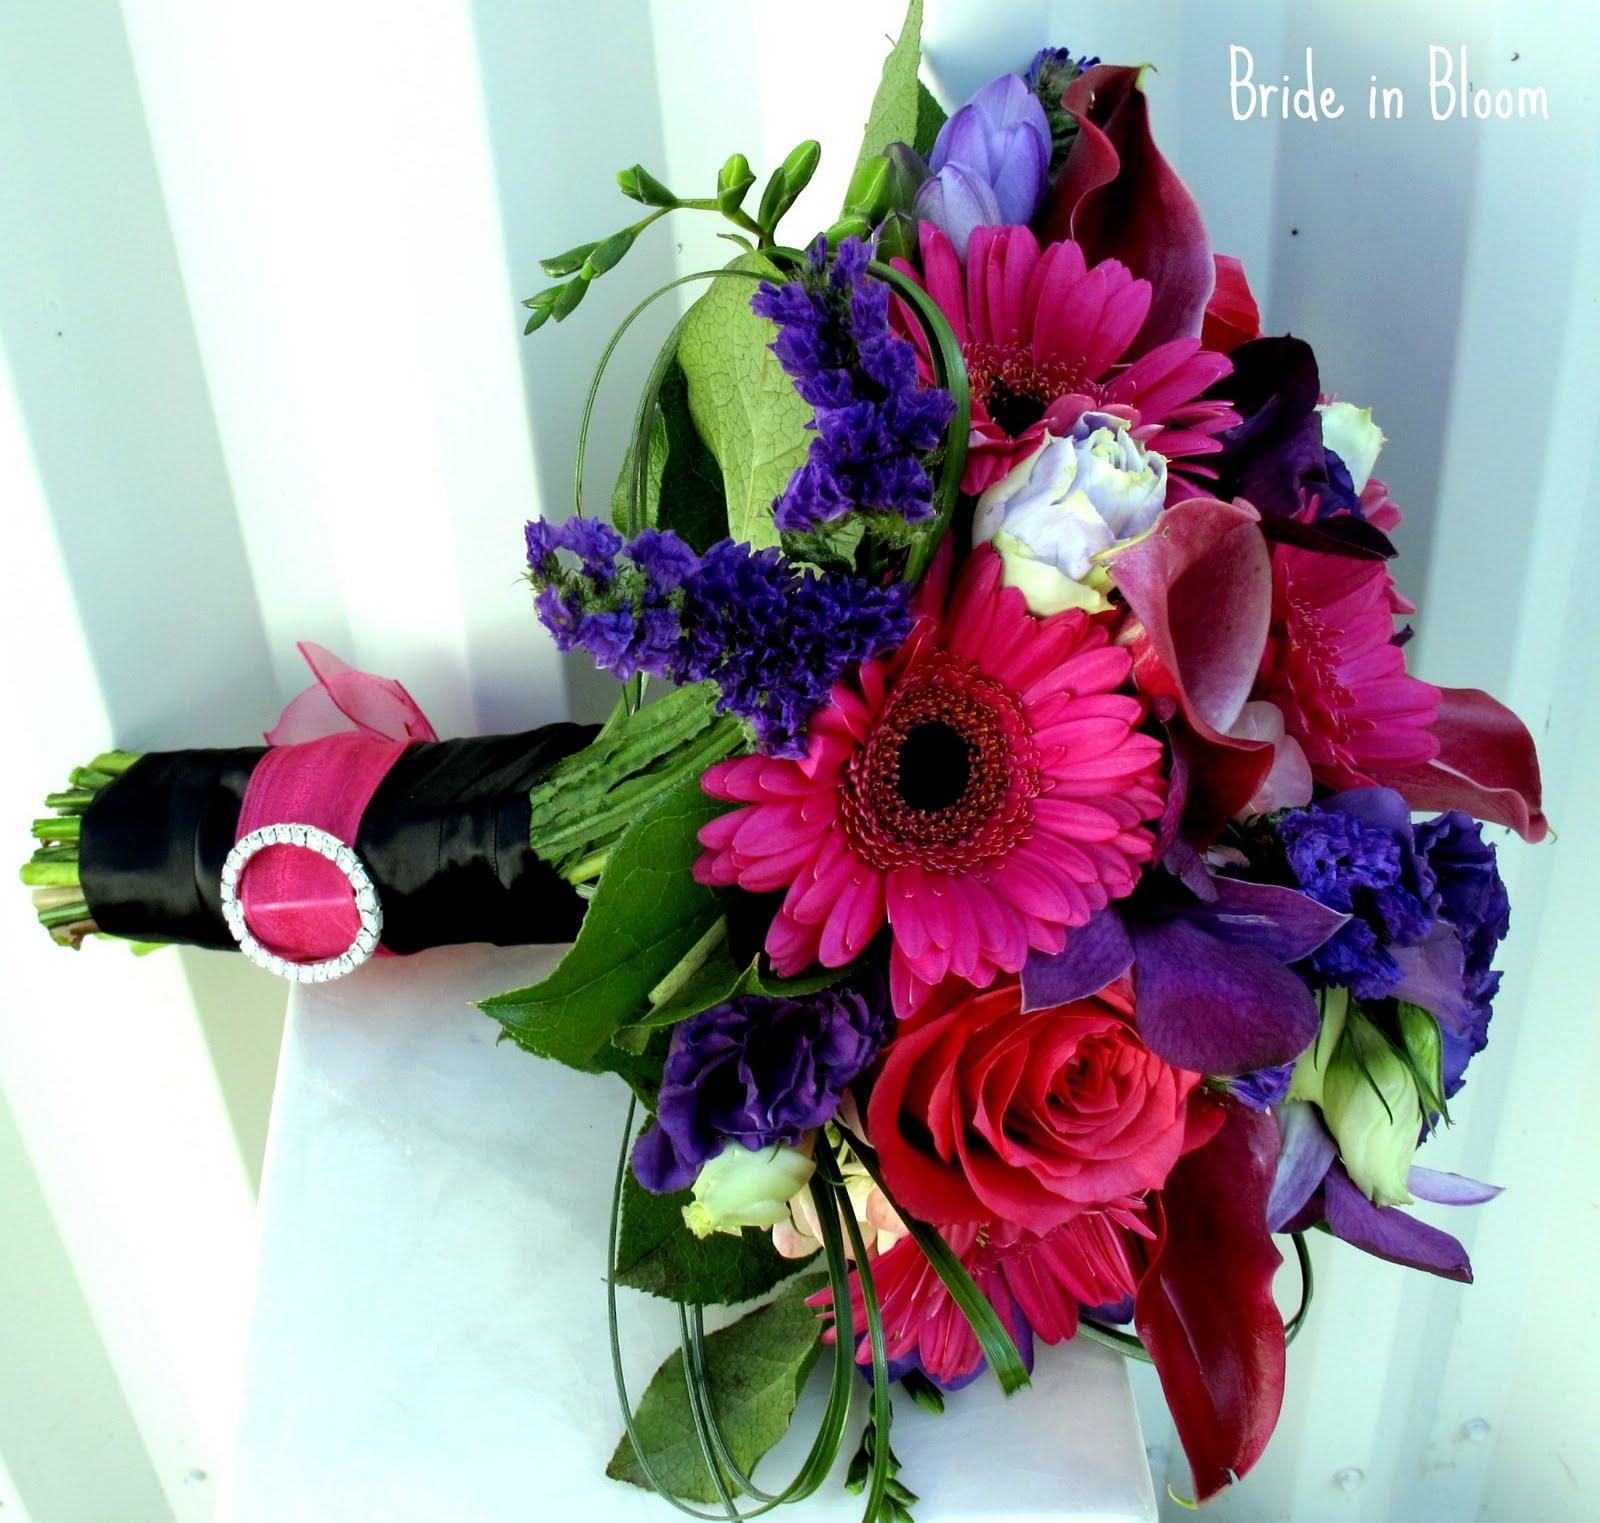 Bride in Bloom: August 2011